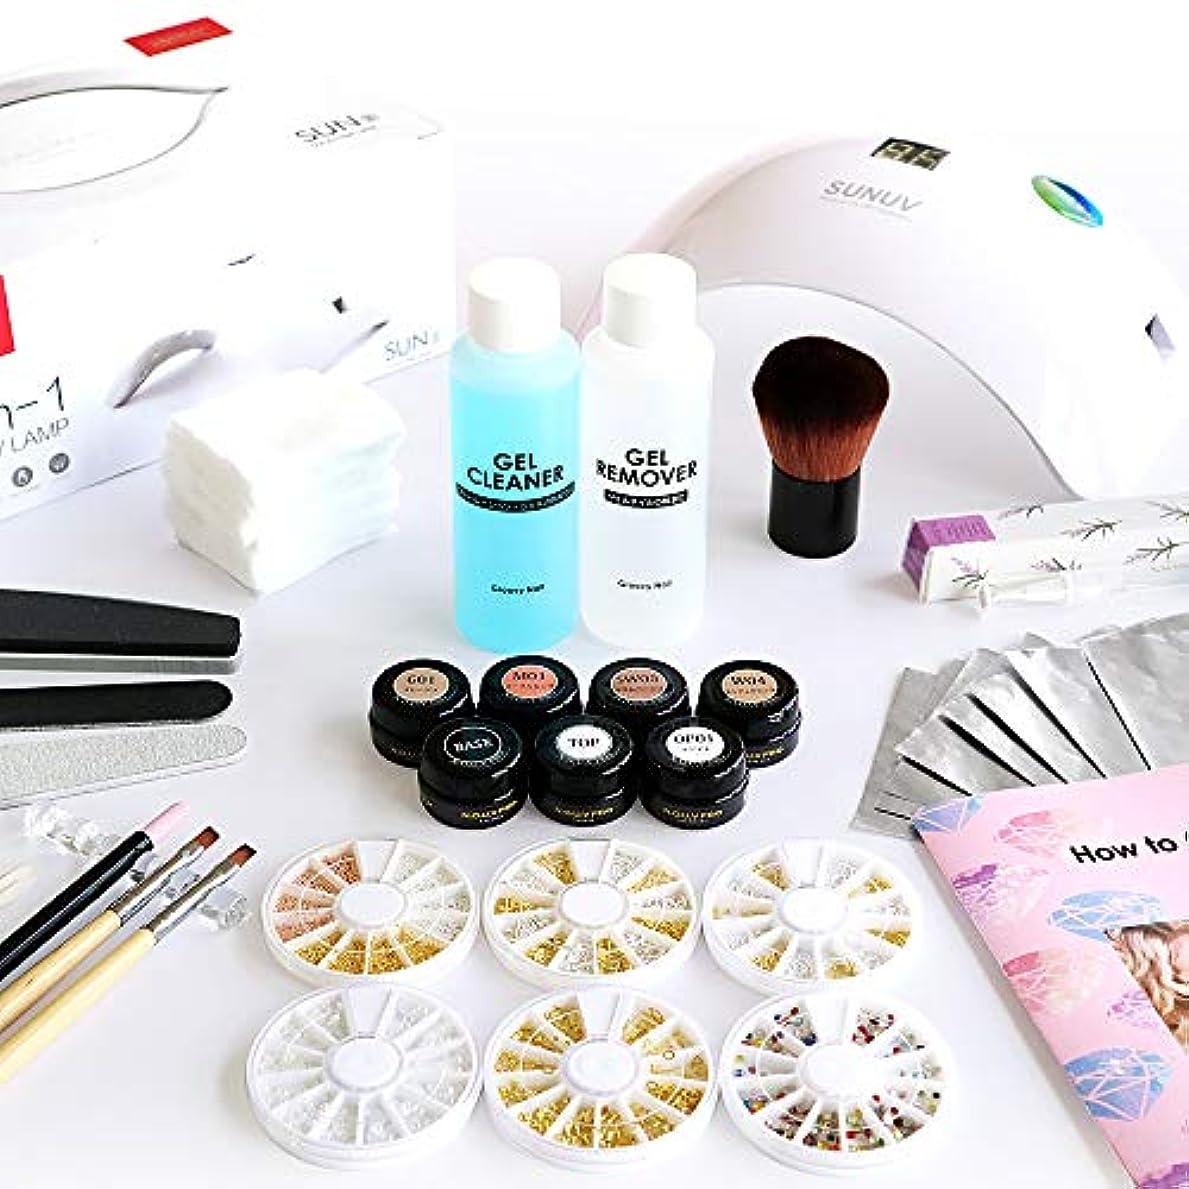 ジェルネイル スターターキット 日本製カラージェル6色+LEDライト48W ネイルアート 初心者におすすめ